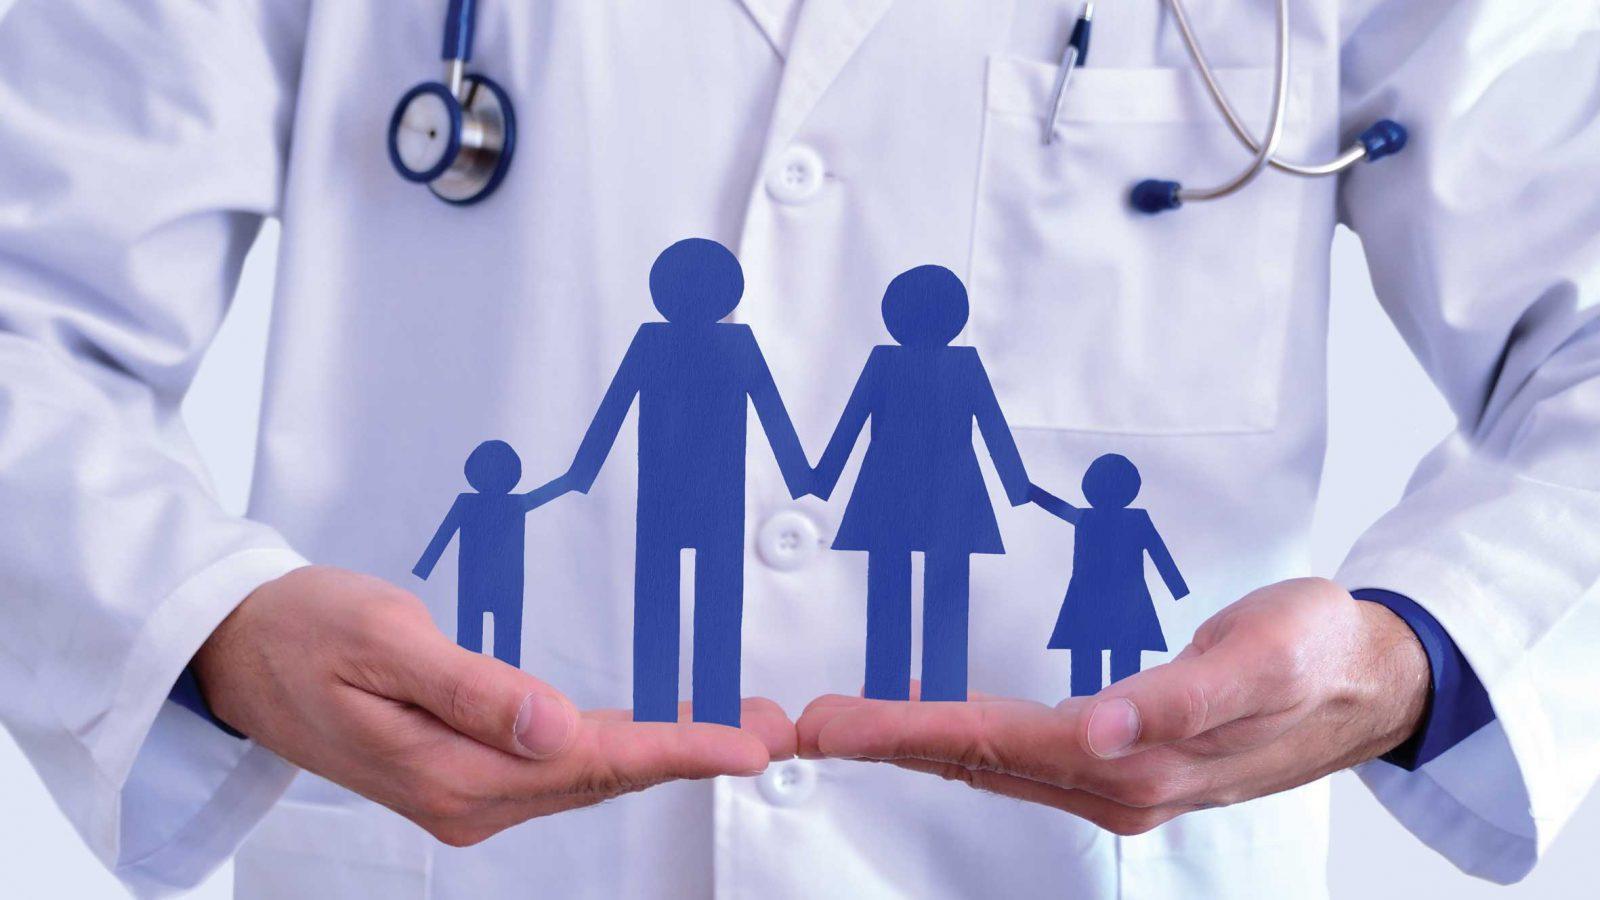 orvos Egészségügyi ellátás